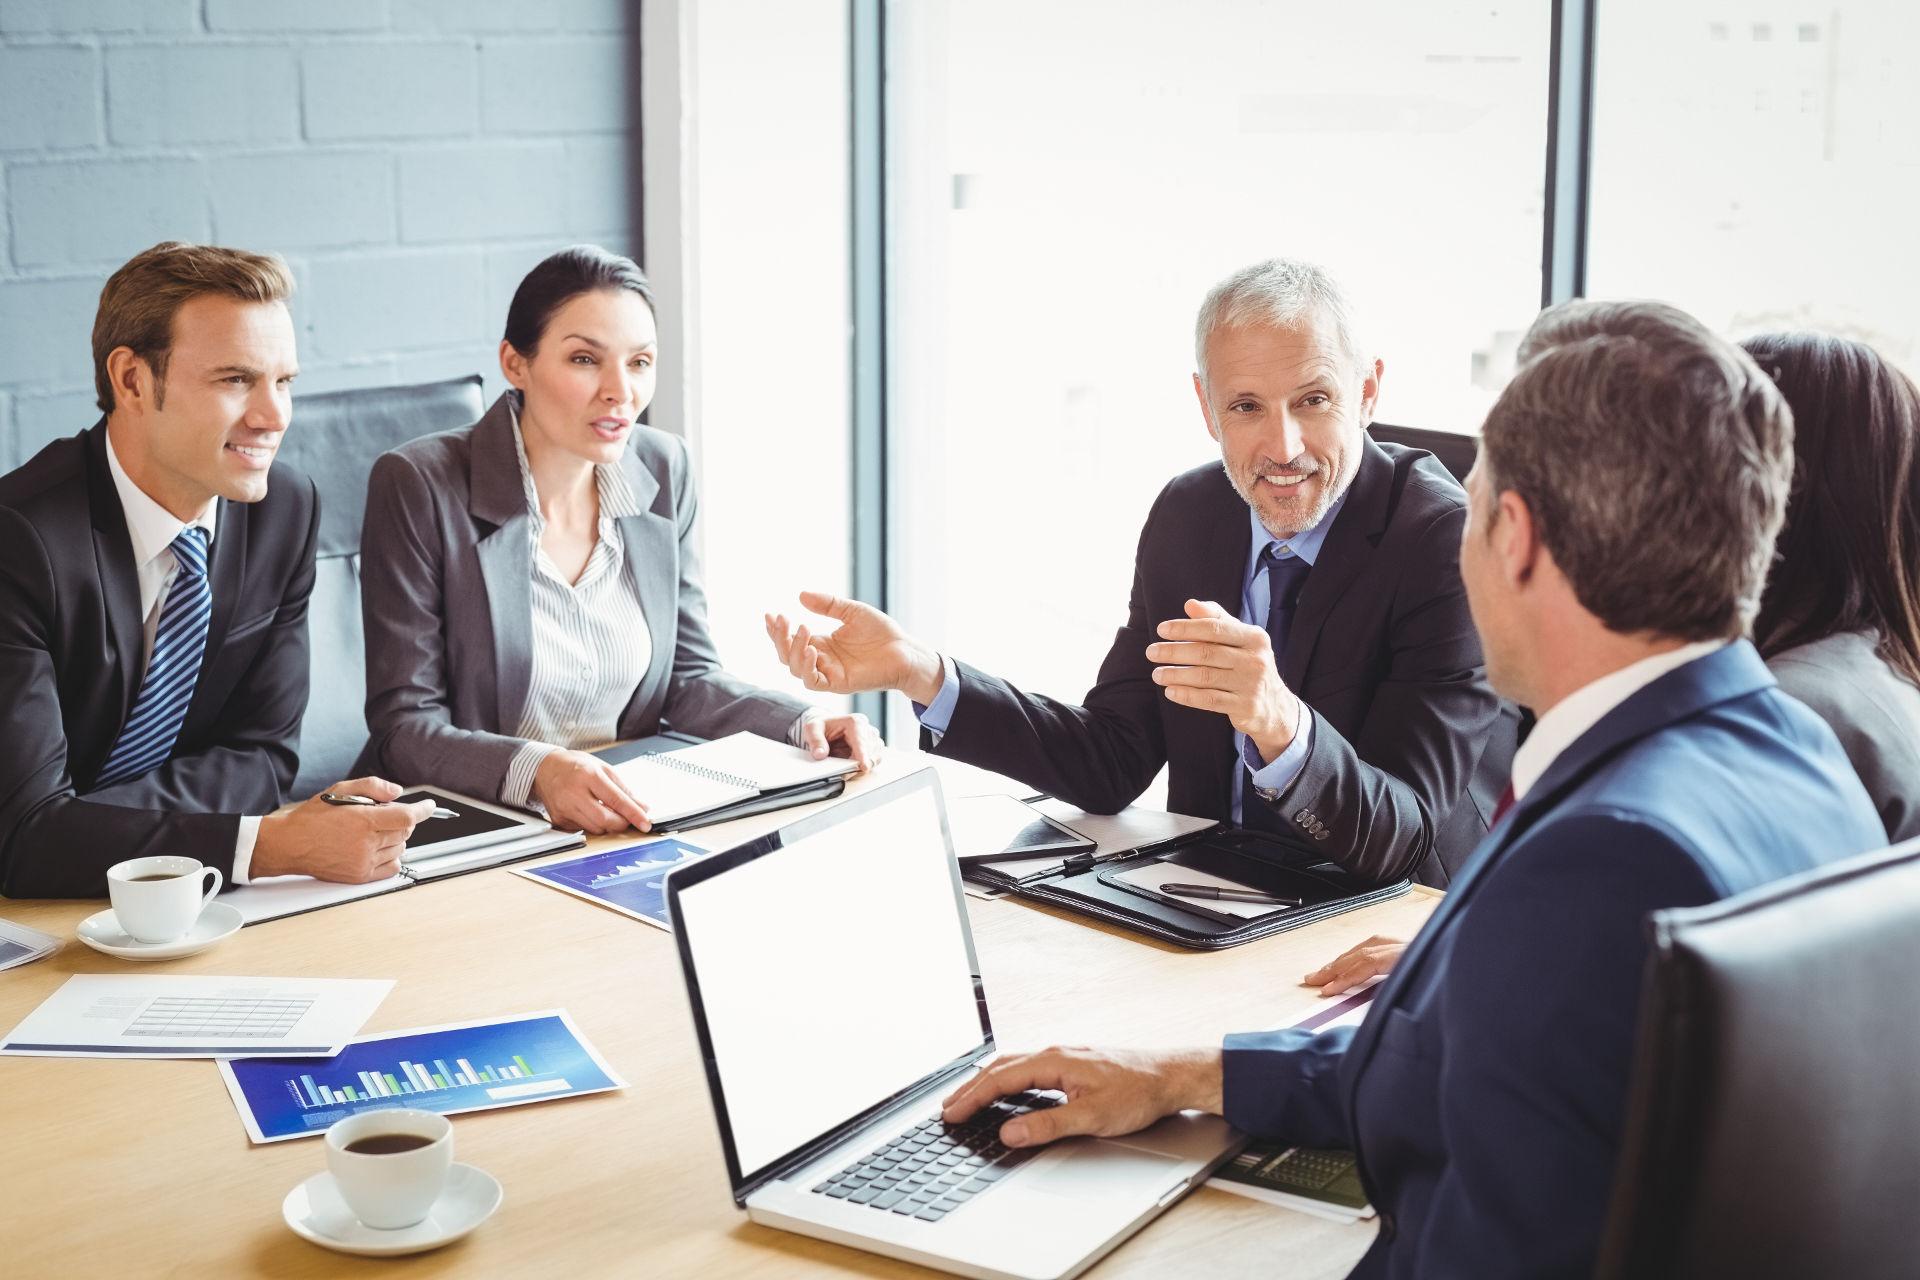 Rincian Biaya Pembuatan Akta Notaris Perusahaan - Ini Penjelasan Biaya Pembuatan Akta Notaris Perusahaan - i-l.ru